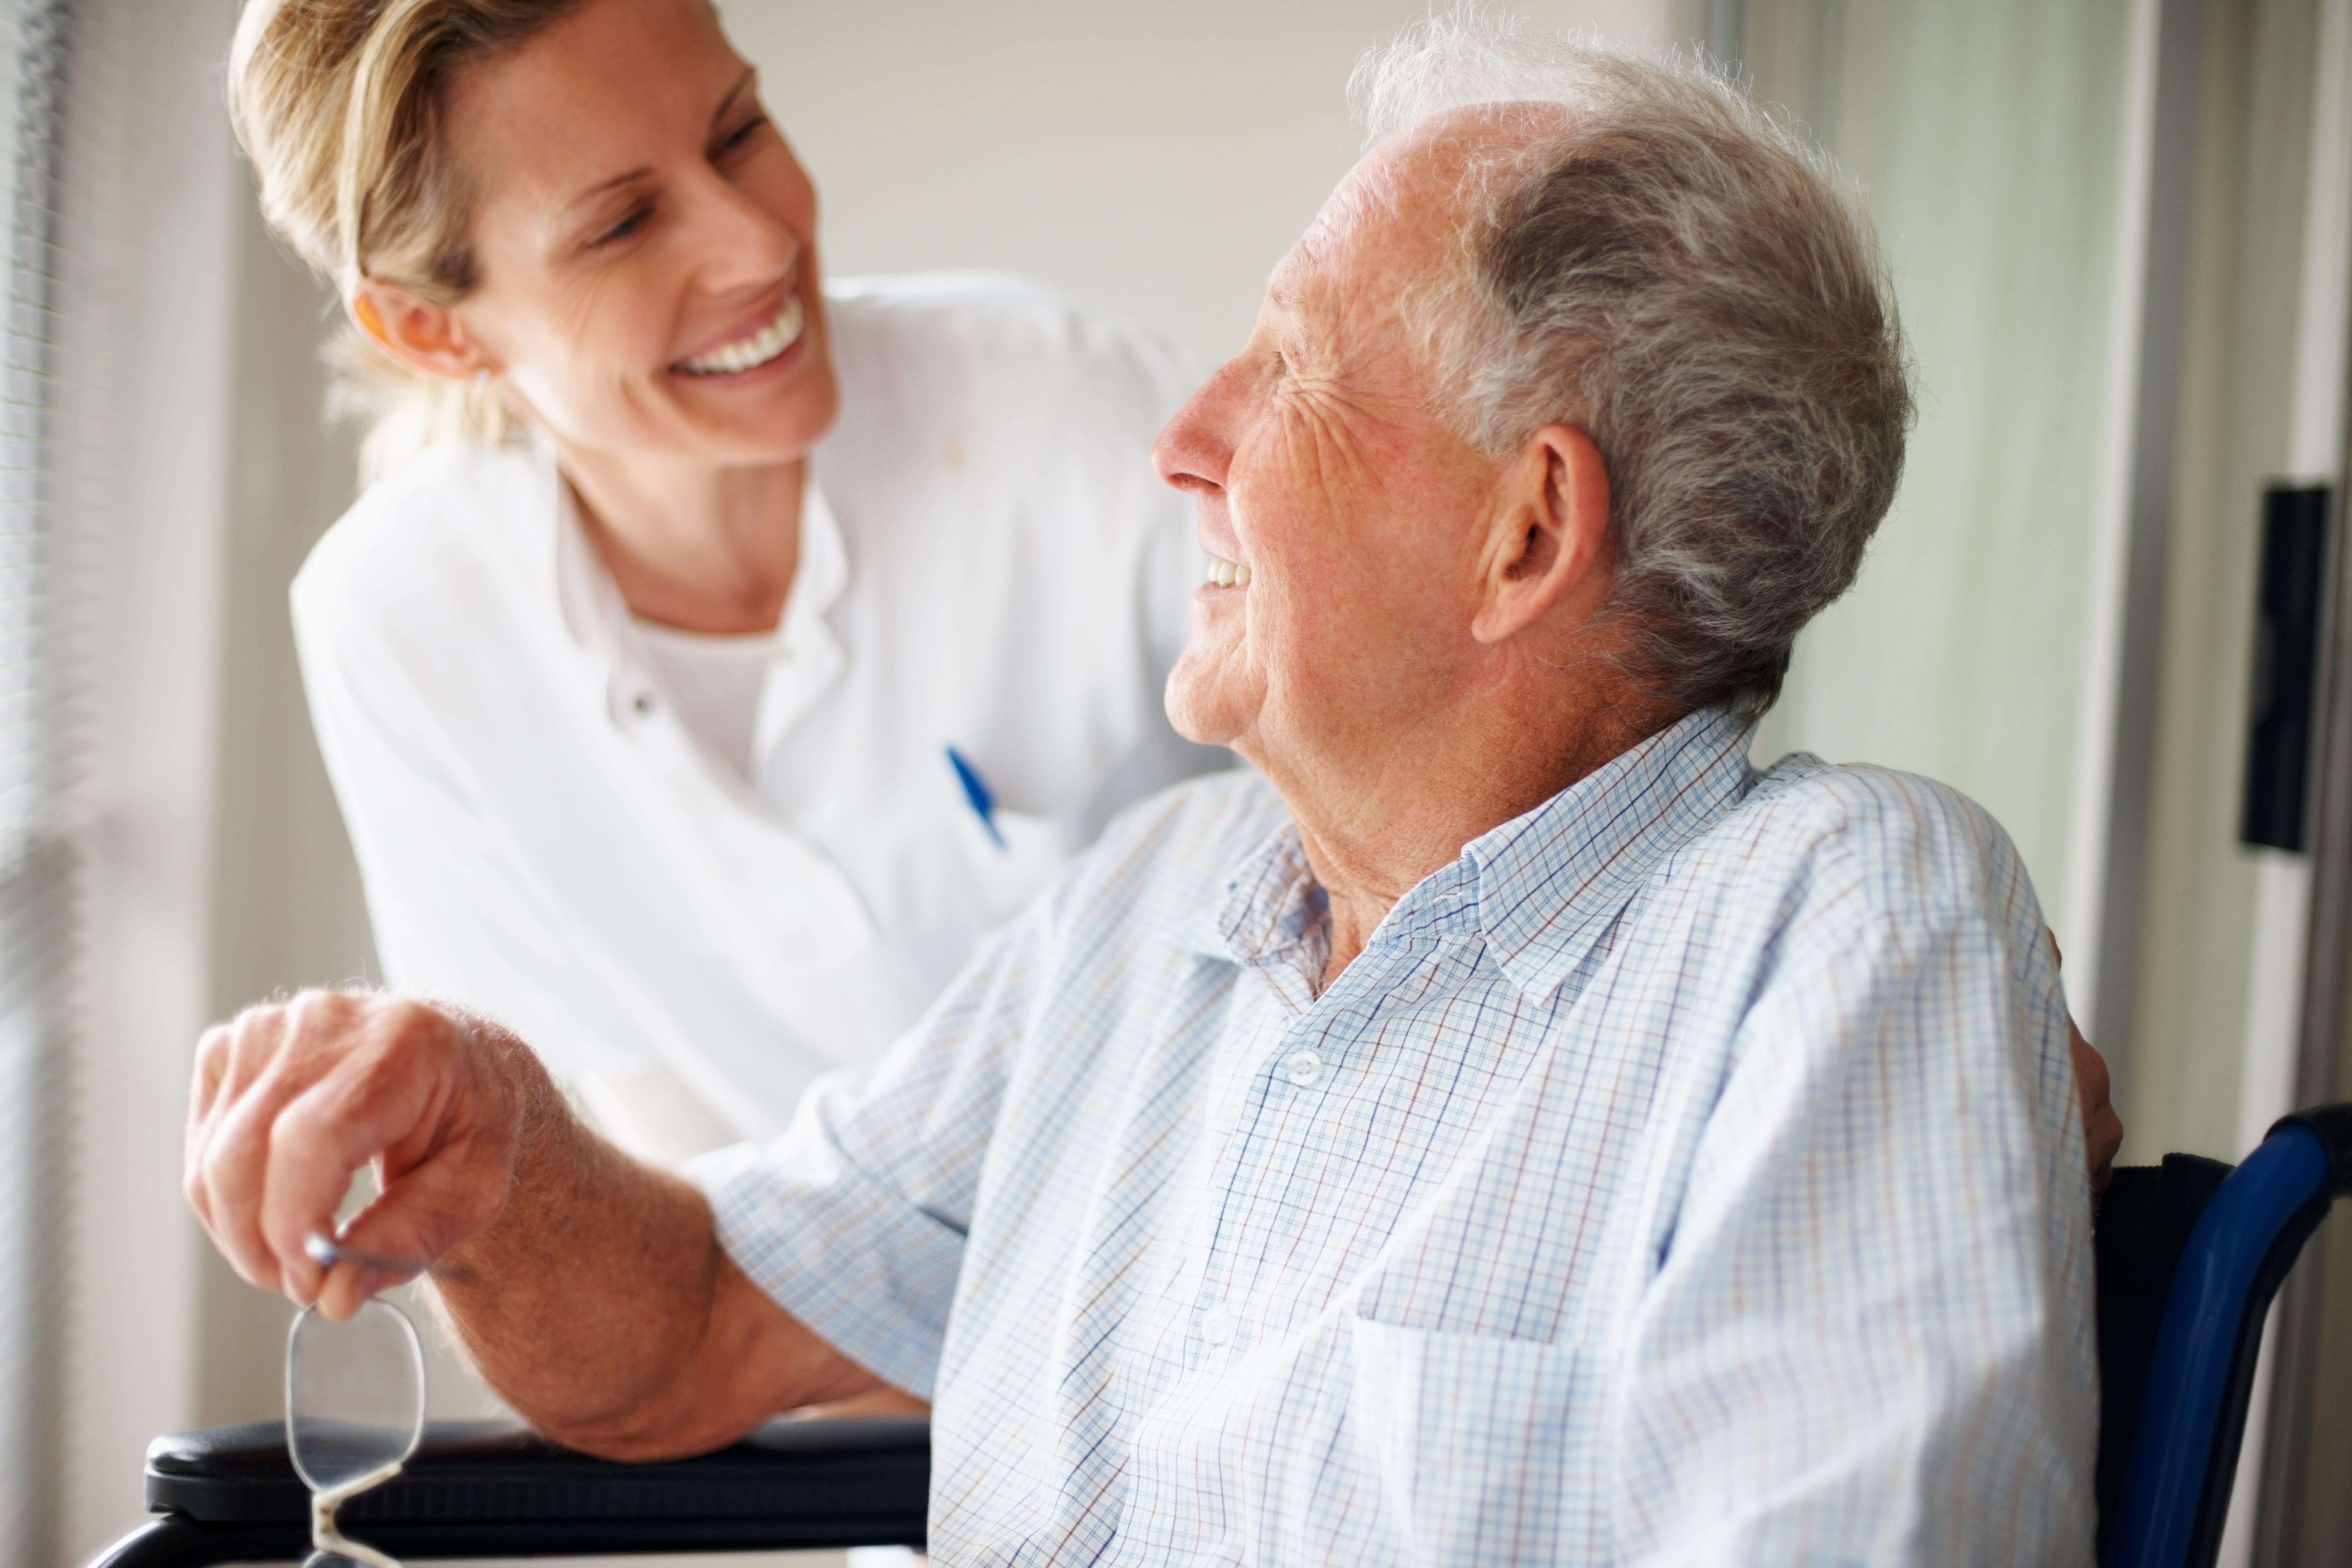 Elderly man speaking to a nurse